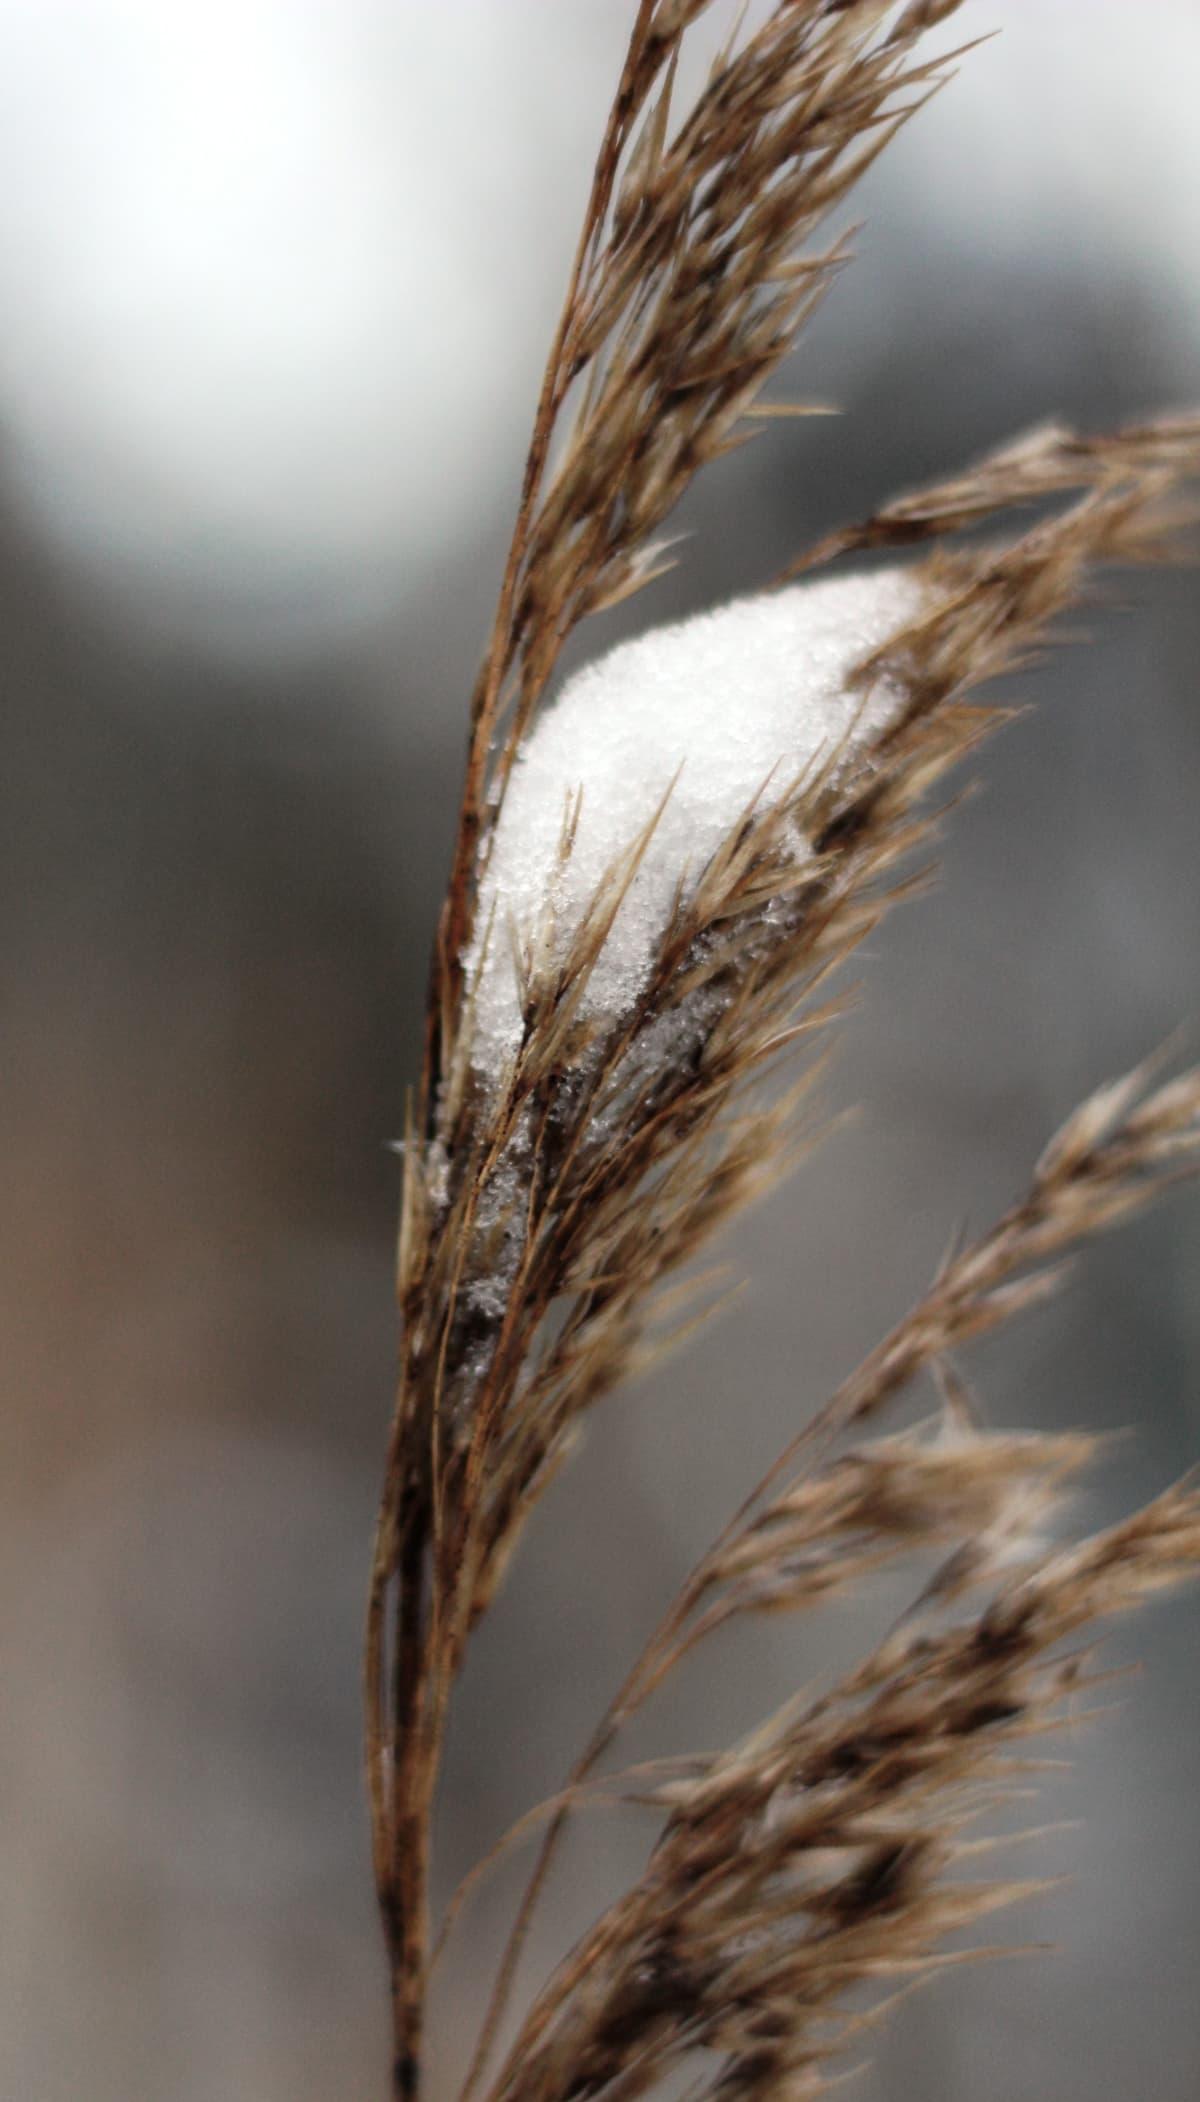 Heinä, jonka päällä vähän lunta